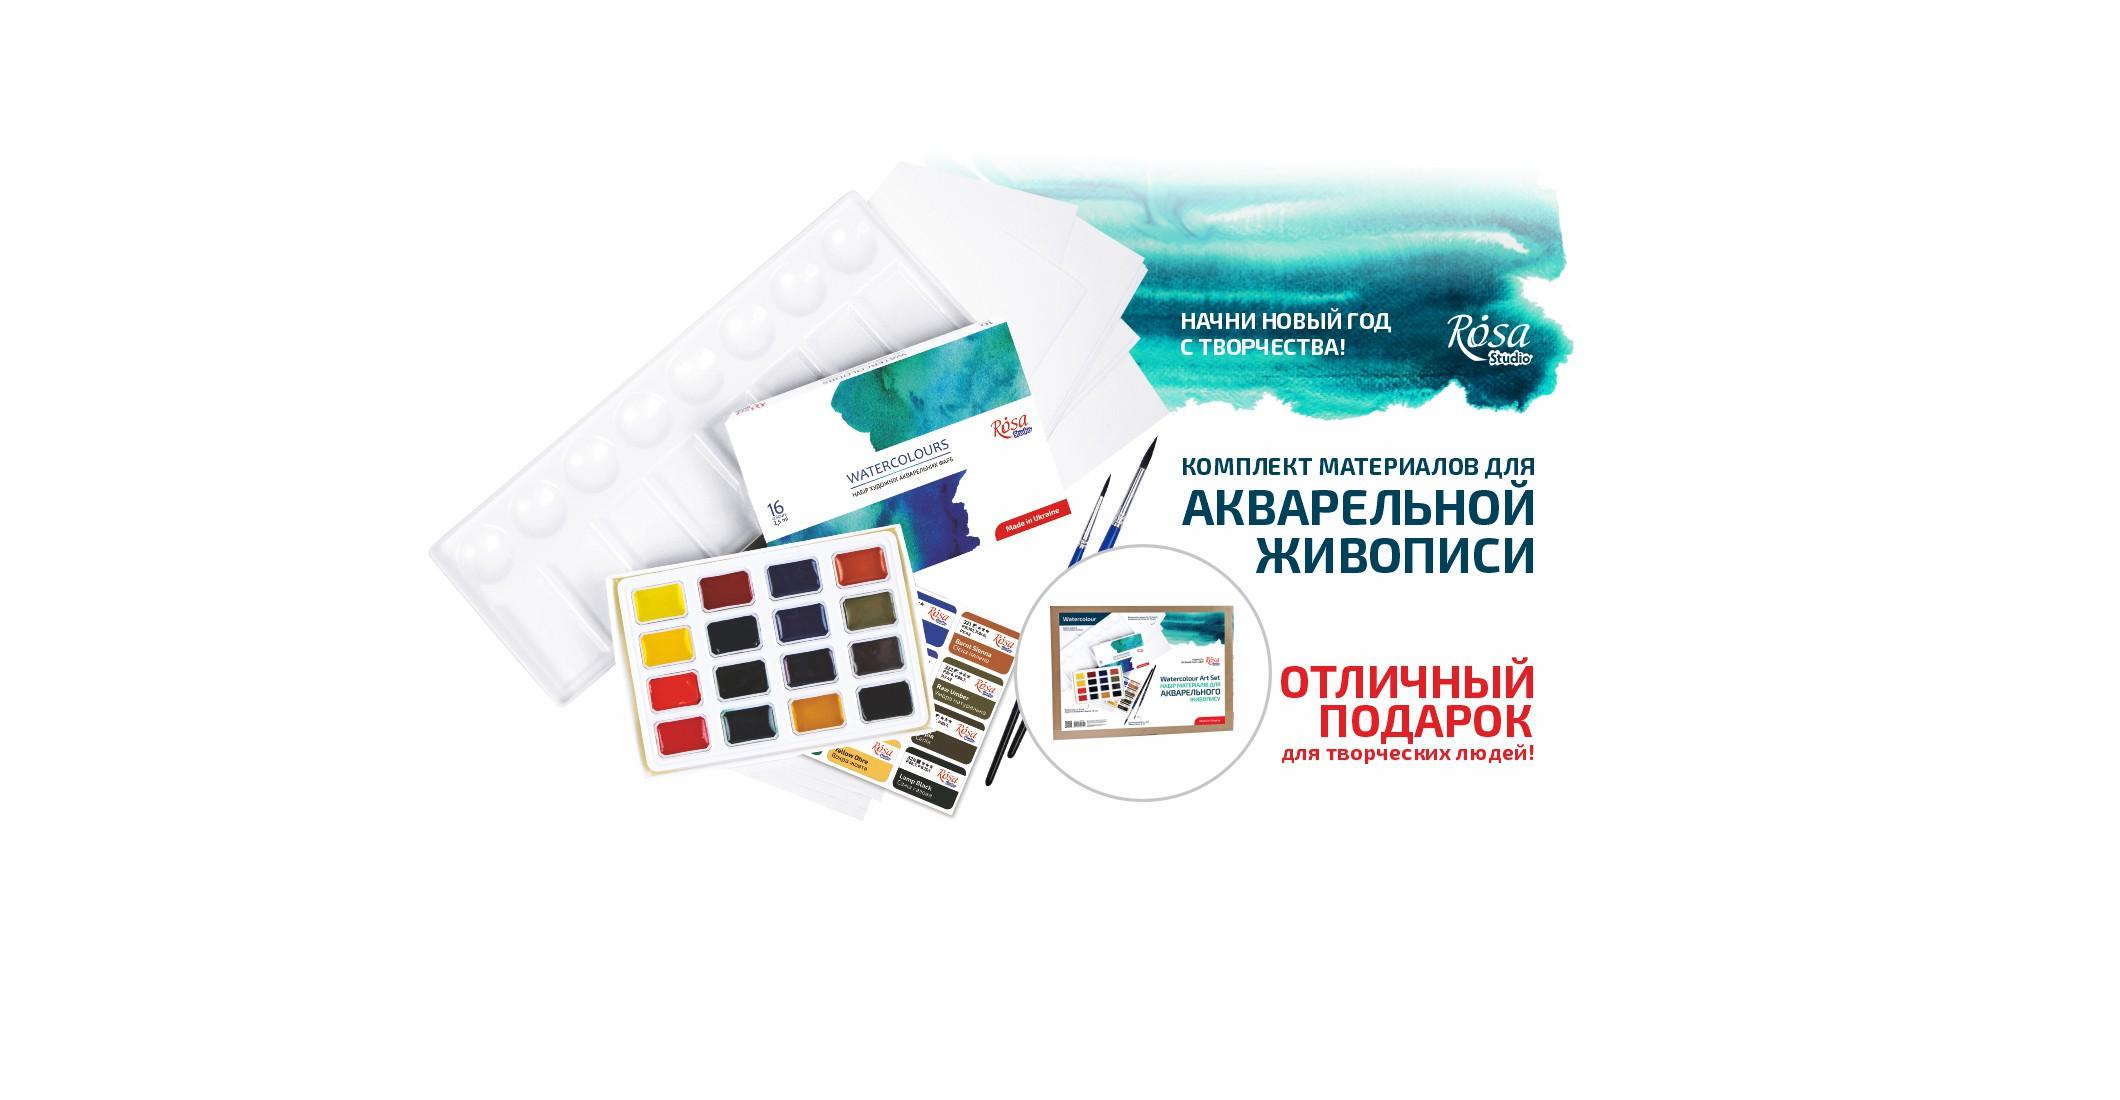 Набор материалов для акварельной живописи ROSA Studio!